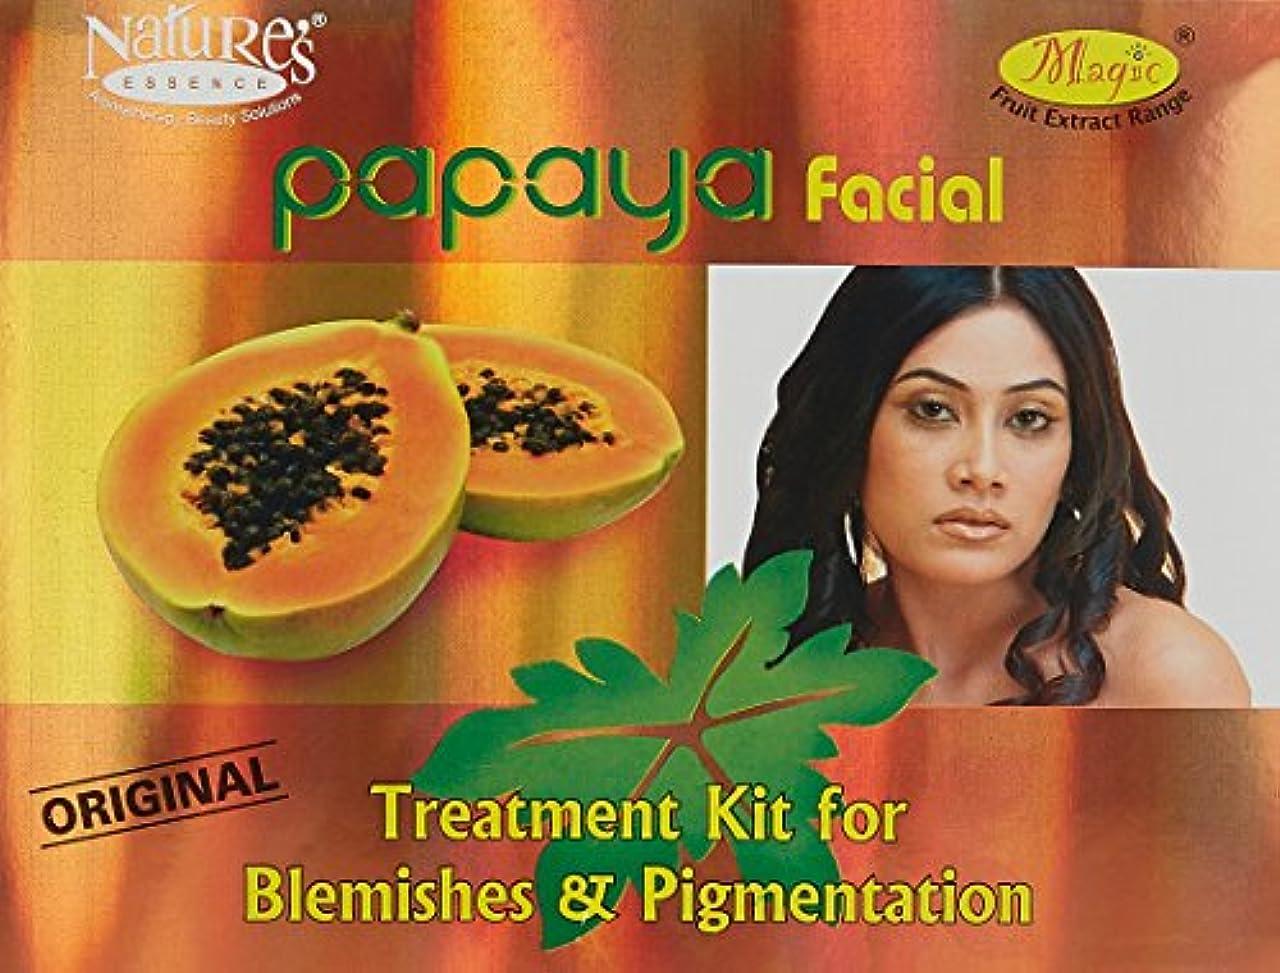 騒モンク懲らしめ自然のエッセンスパパイヤフェイシャルキットシミ·色素沈着1キットNature's Essence Papaya Facial Kit Blemishes & Pigmentation 1 Kit